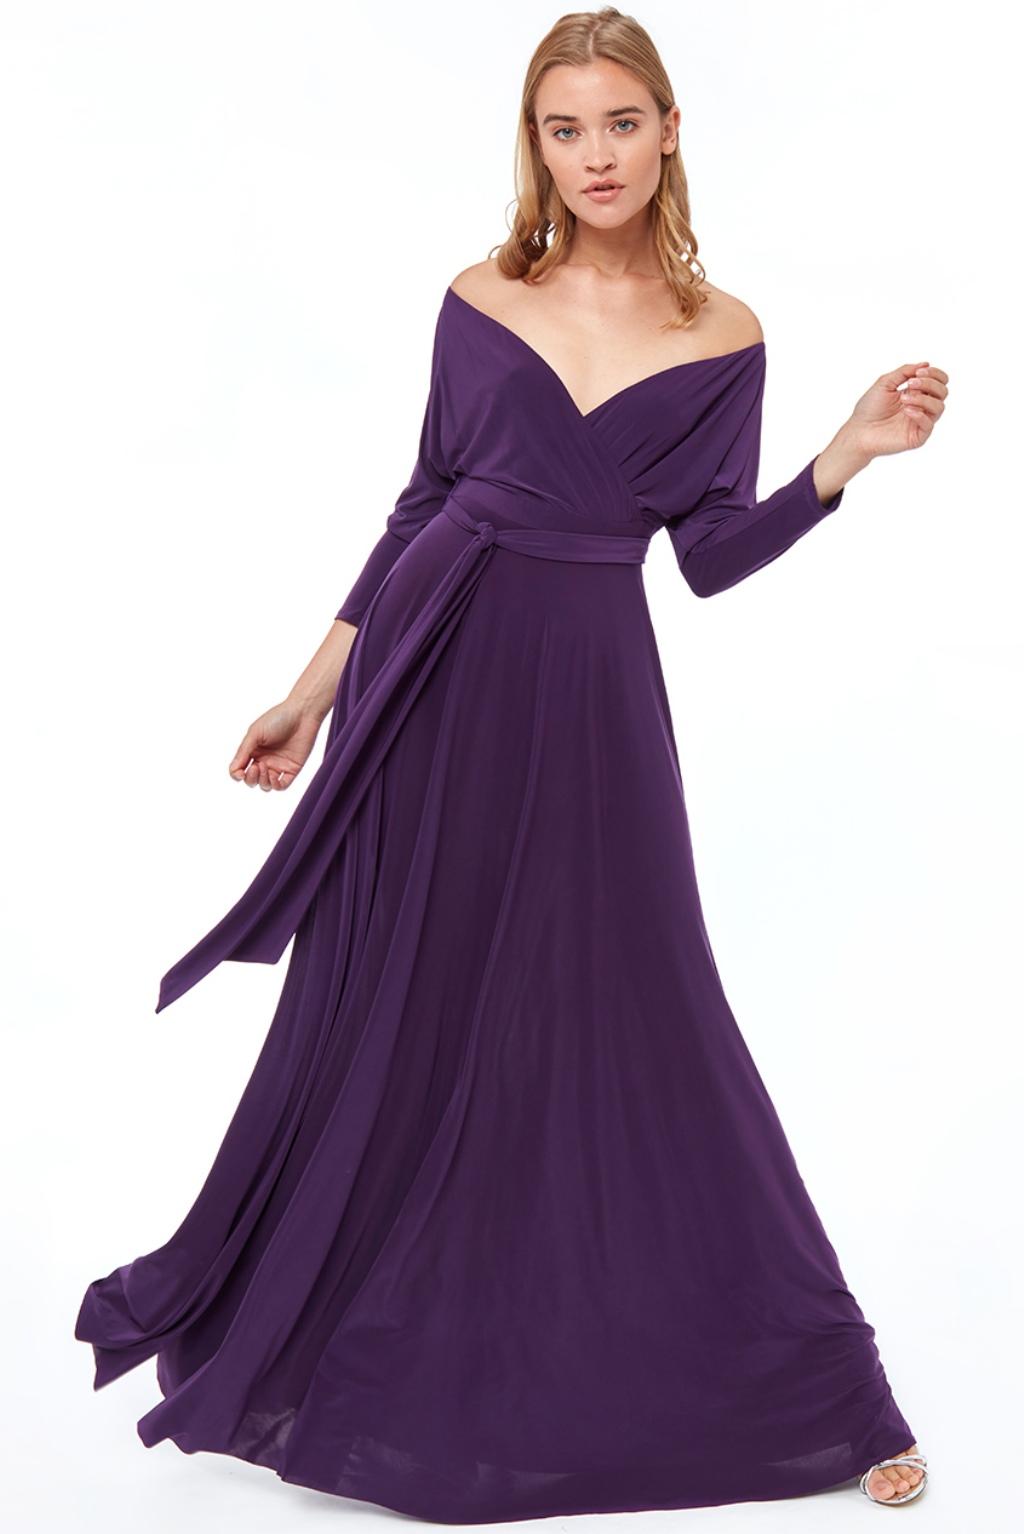 Fialové spoločenské šaty s dlhými rukávmi Veľkosť: S